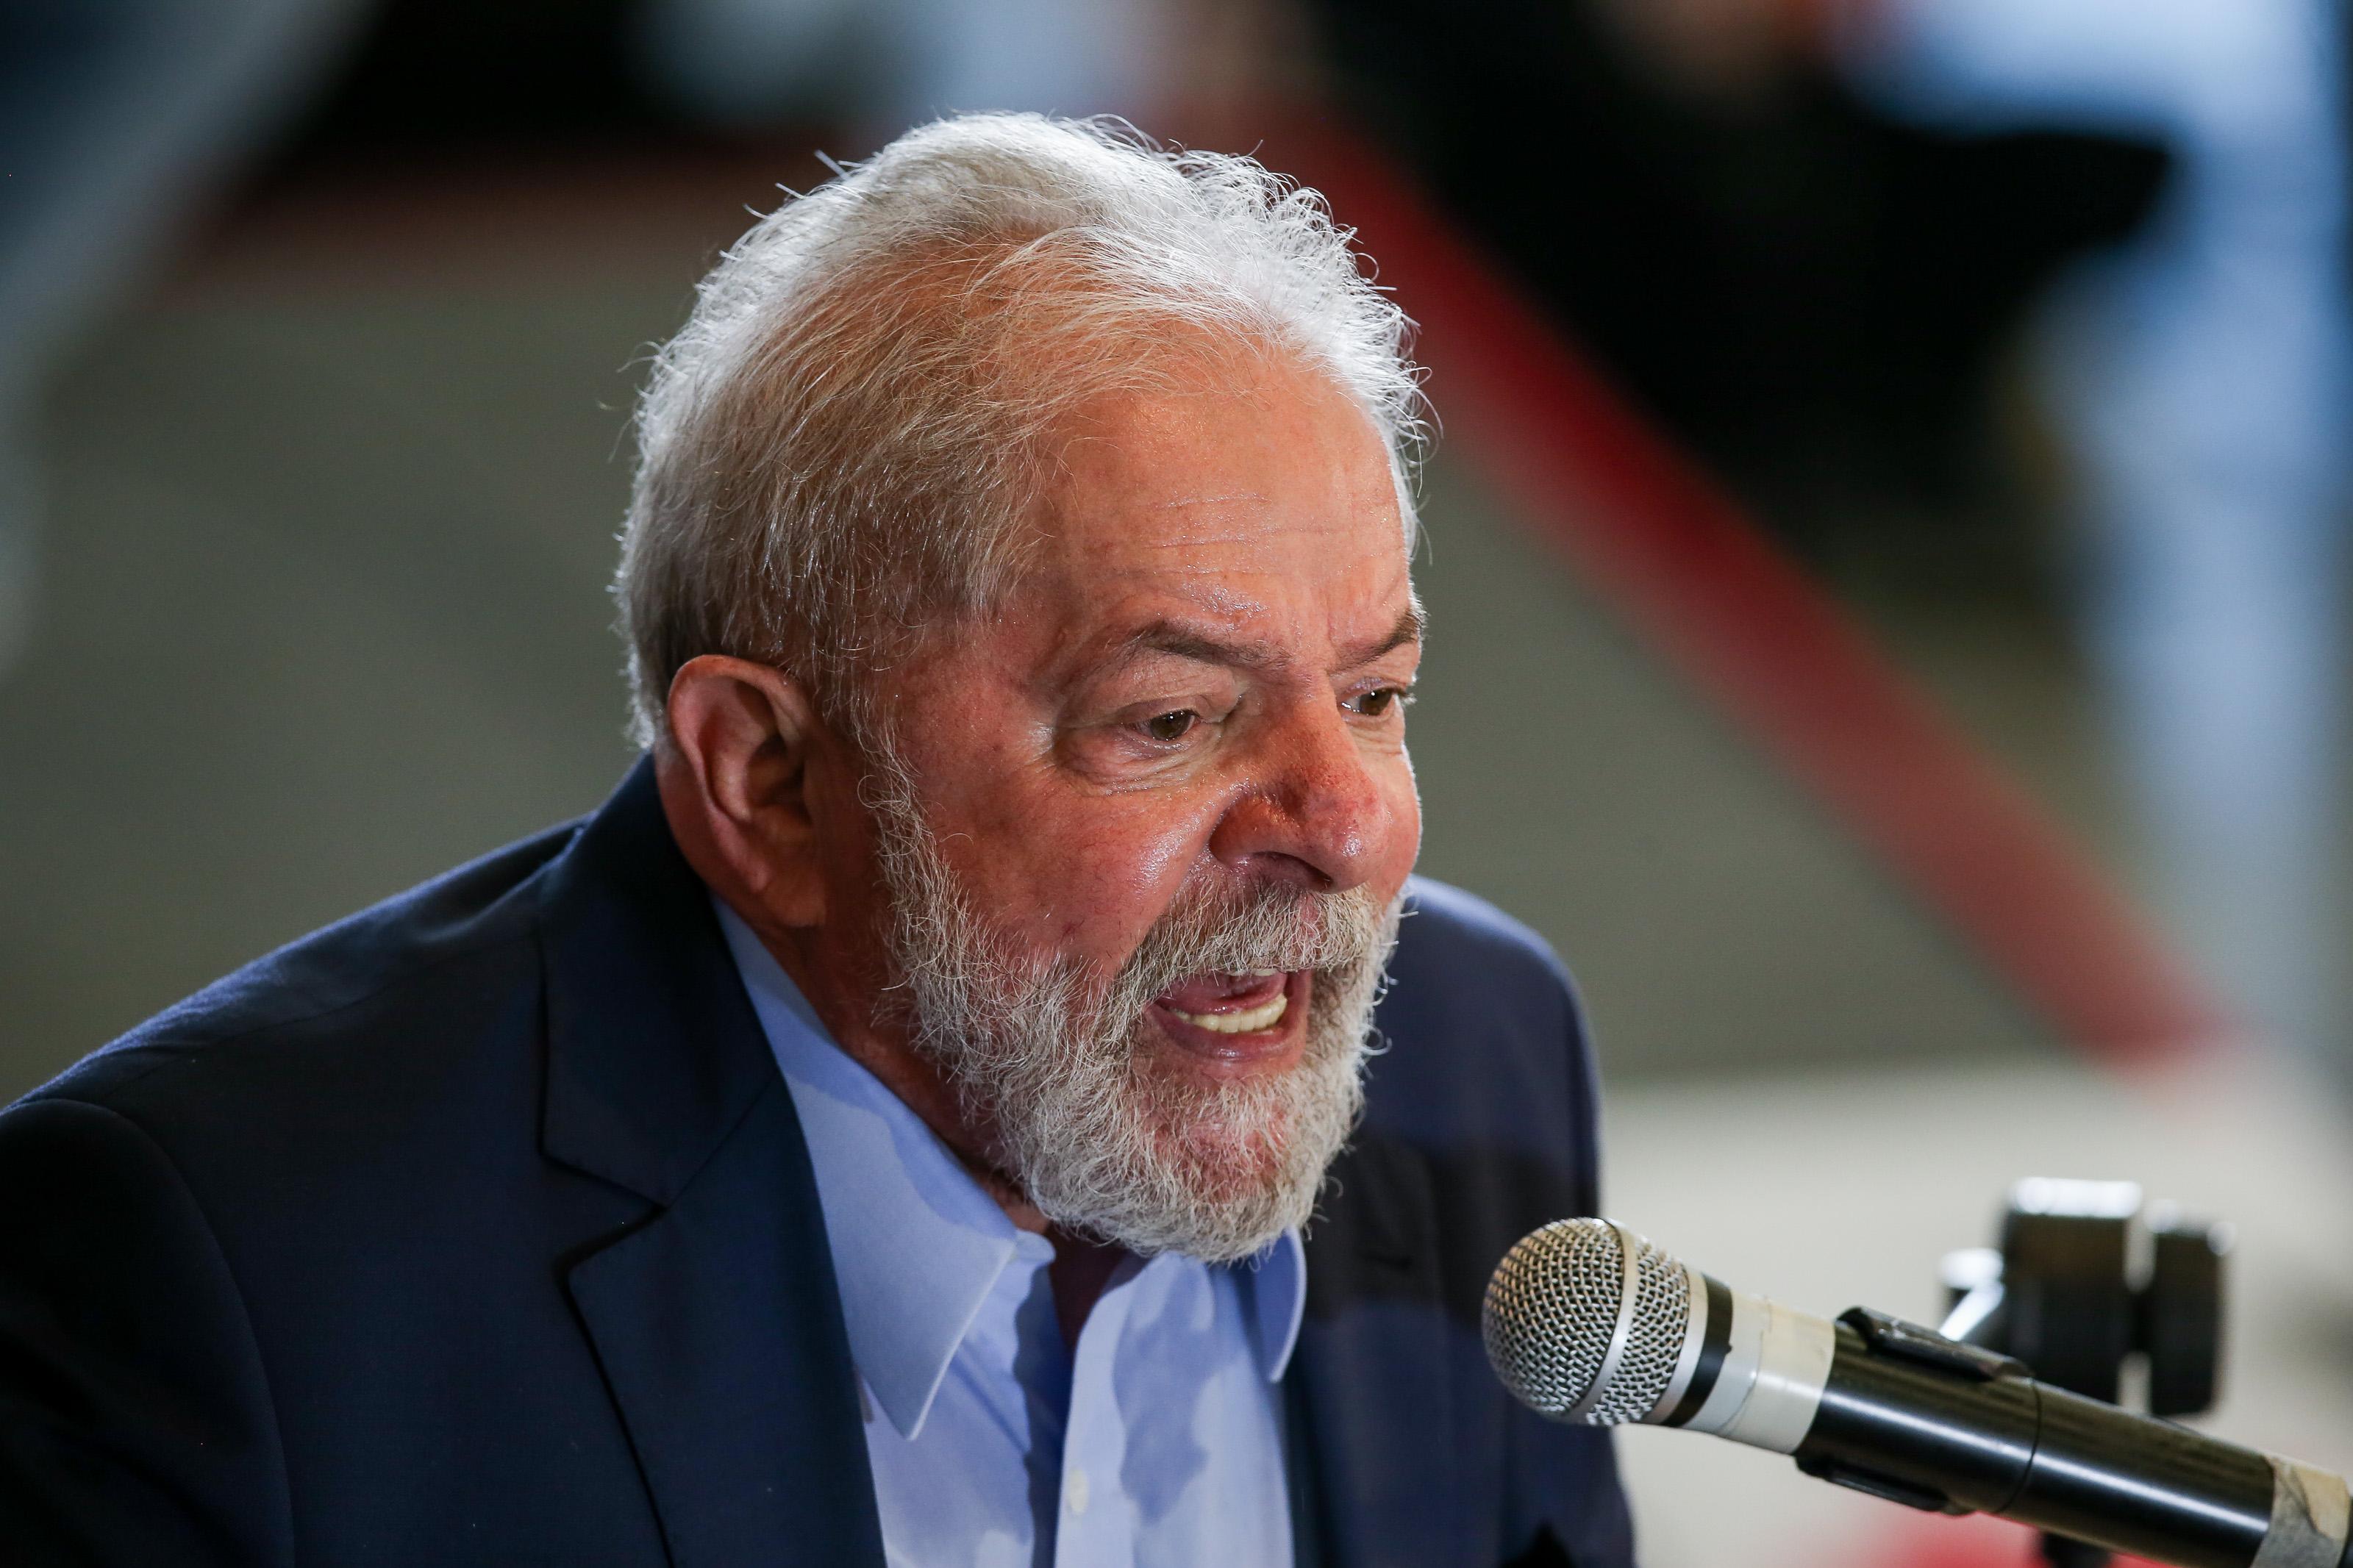 Lula conversa, articula, viaja, mas garante que não está em campanha | VEJA